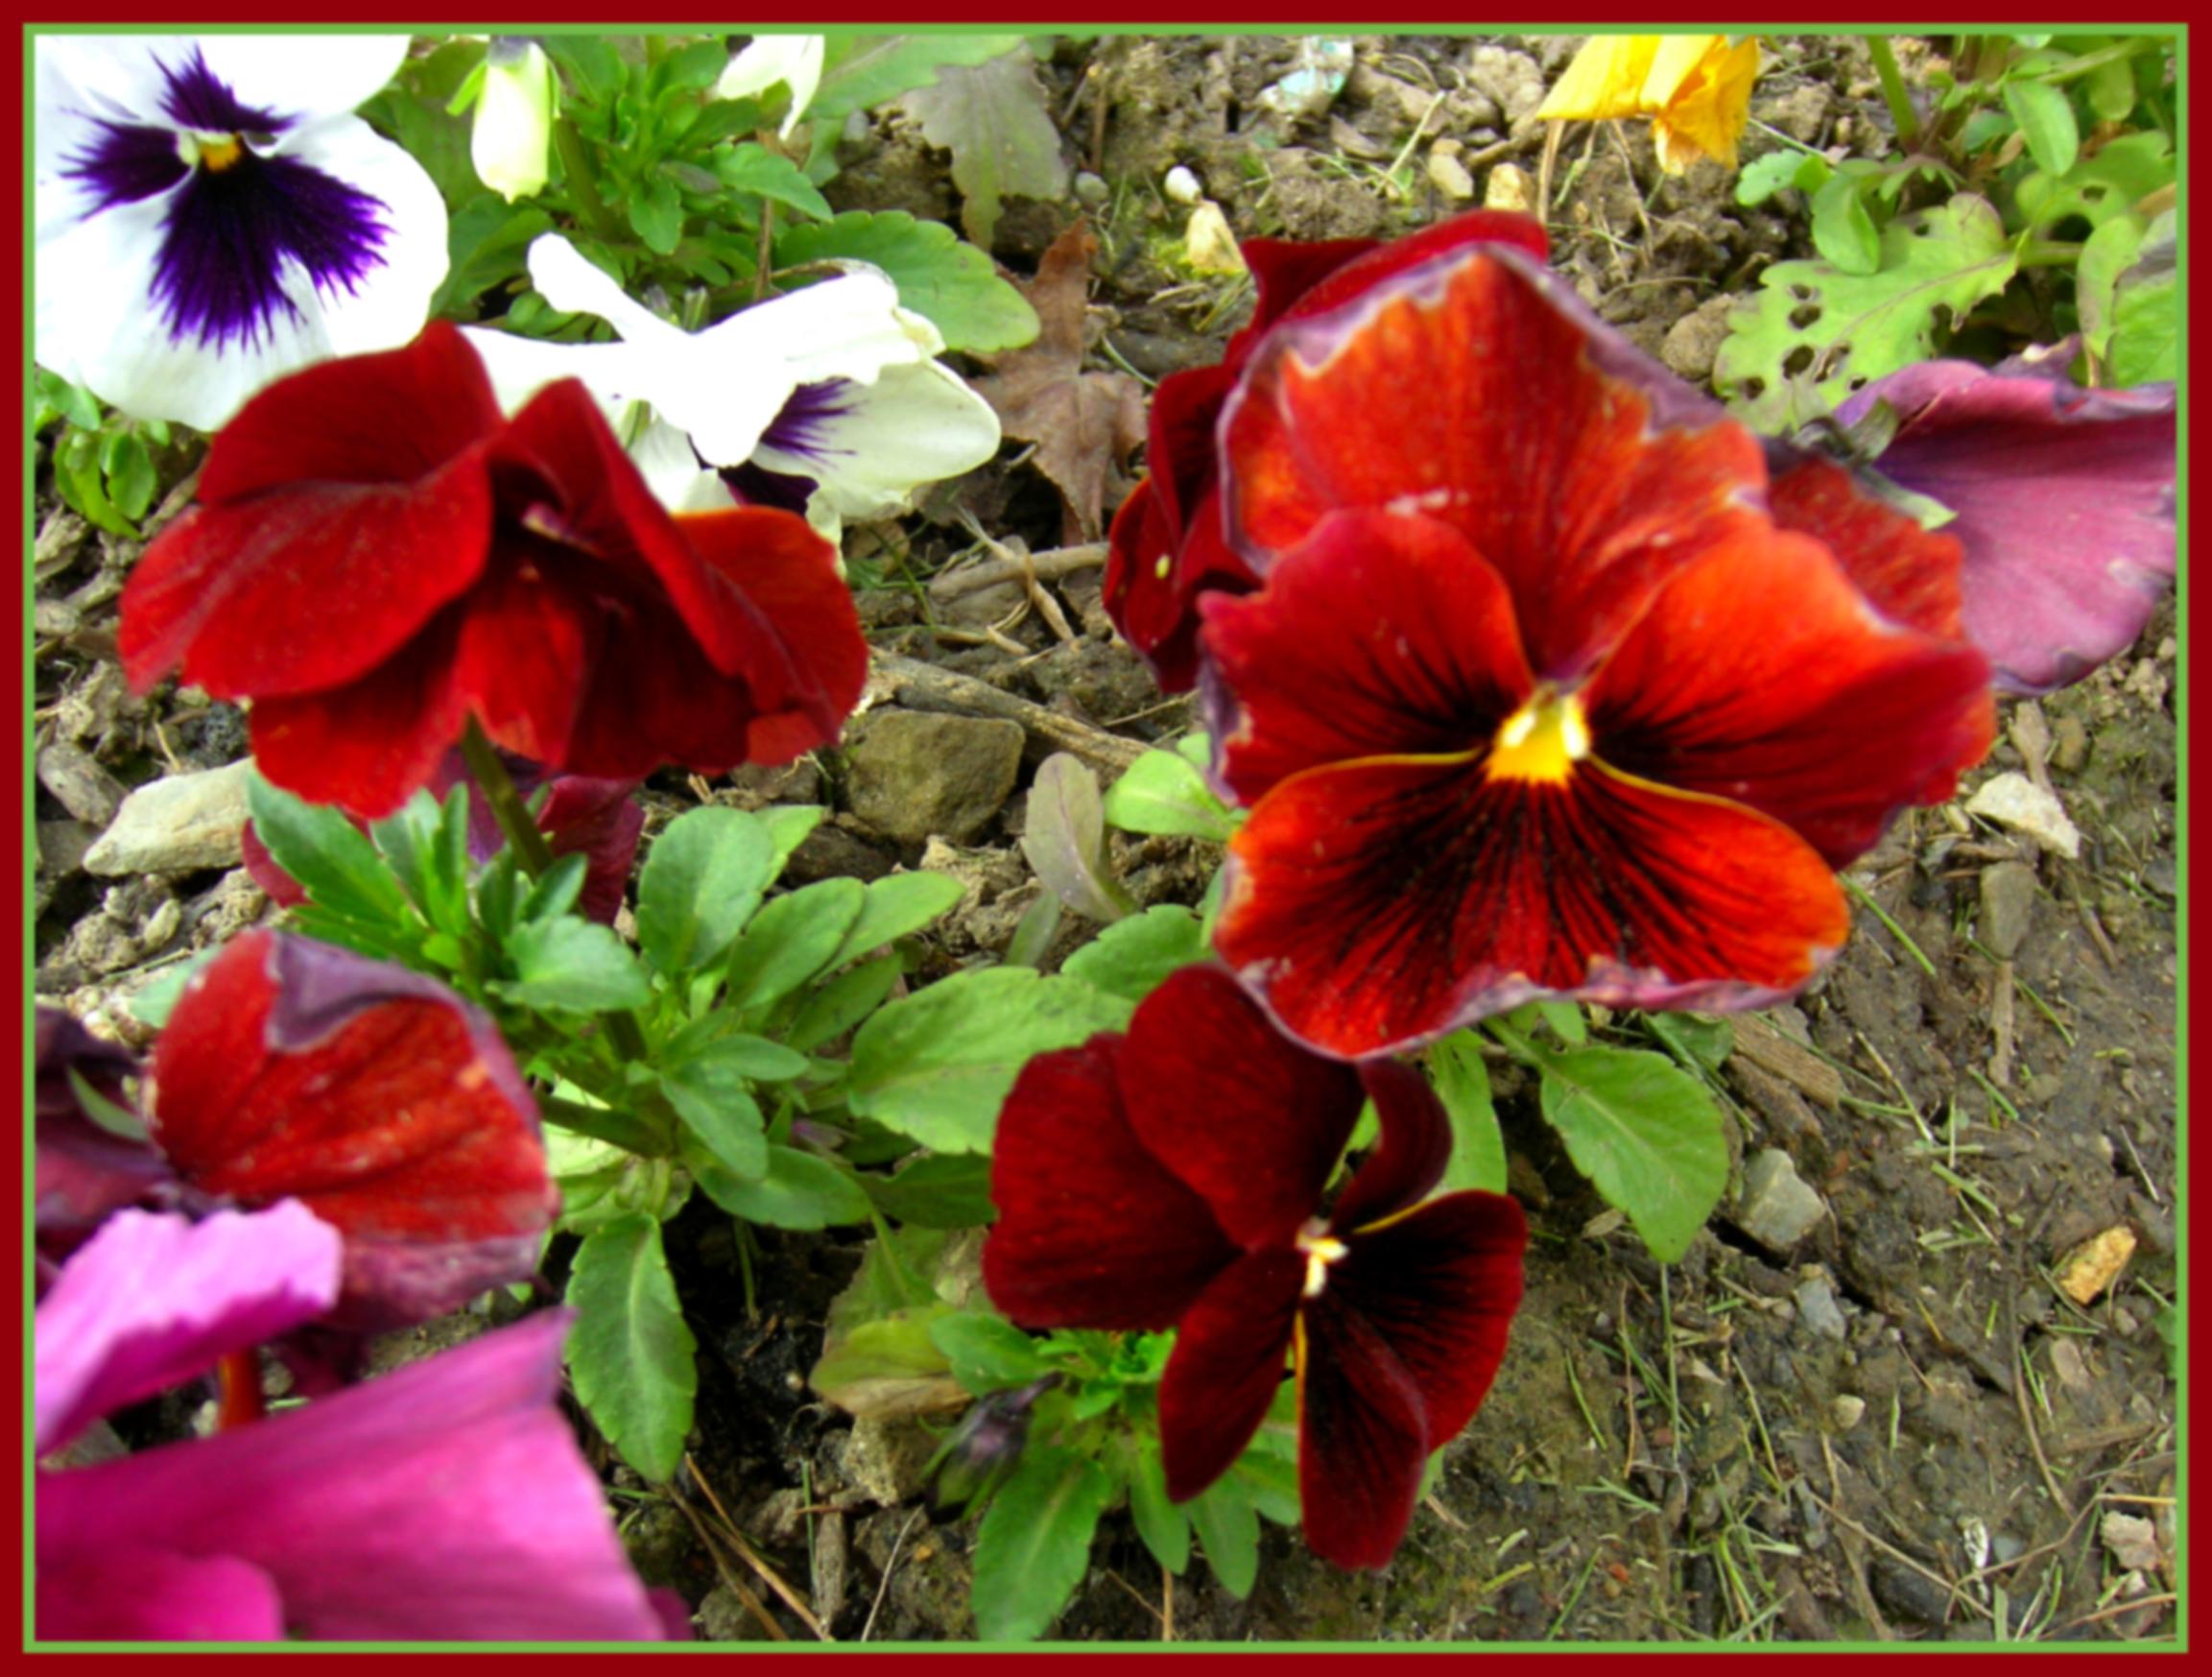 descarga la foto en su tamao original todos los derechos reservados flores de jardin